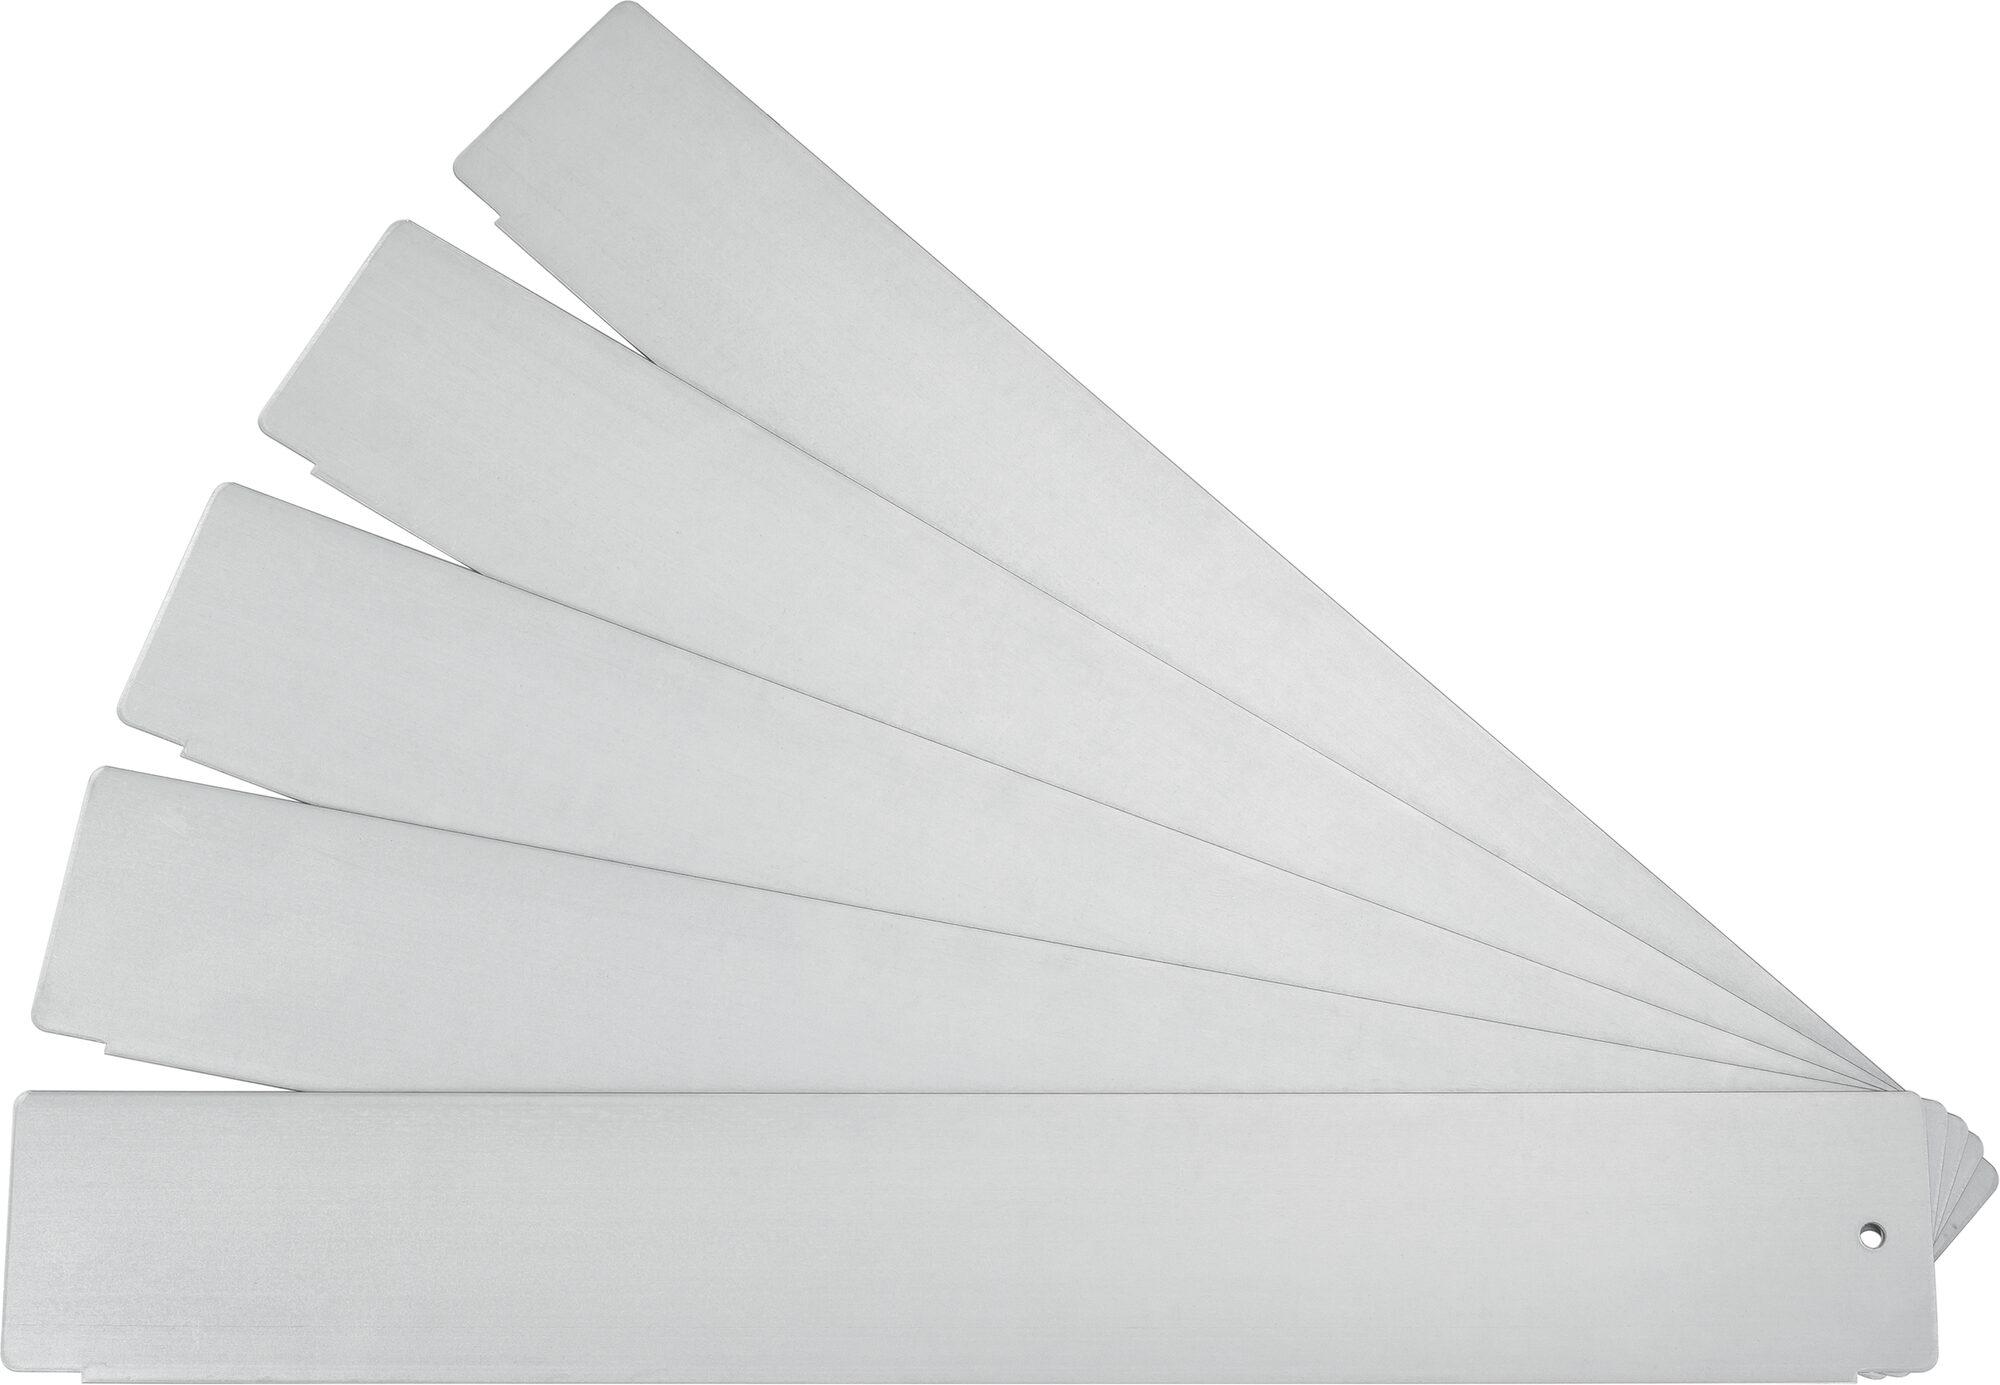 HAZET Trennbleche ∙ flach 173-31/5 ∙ Anzahl Werkzeuge: 5